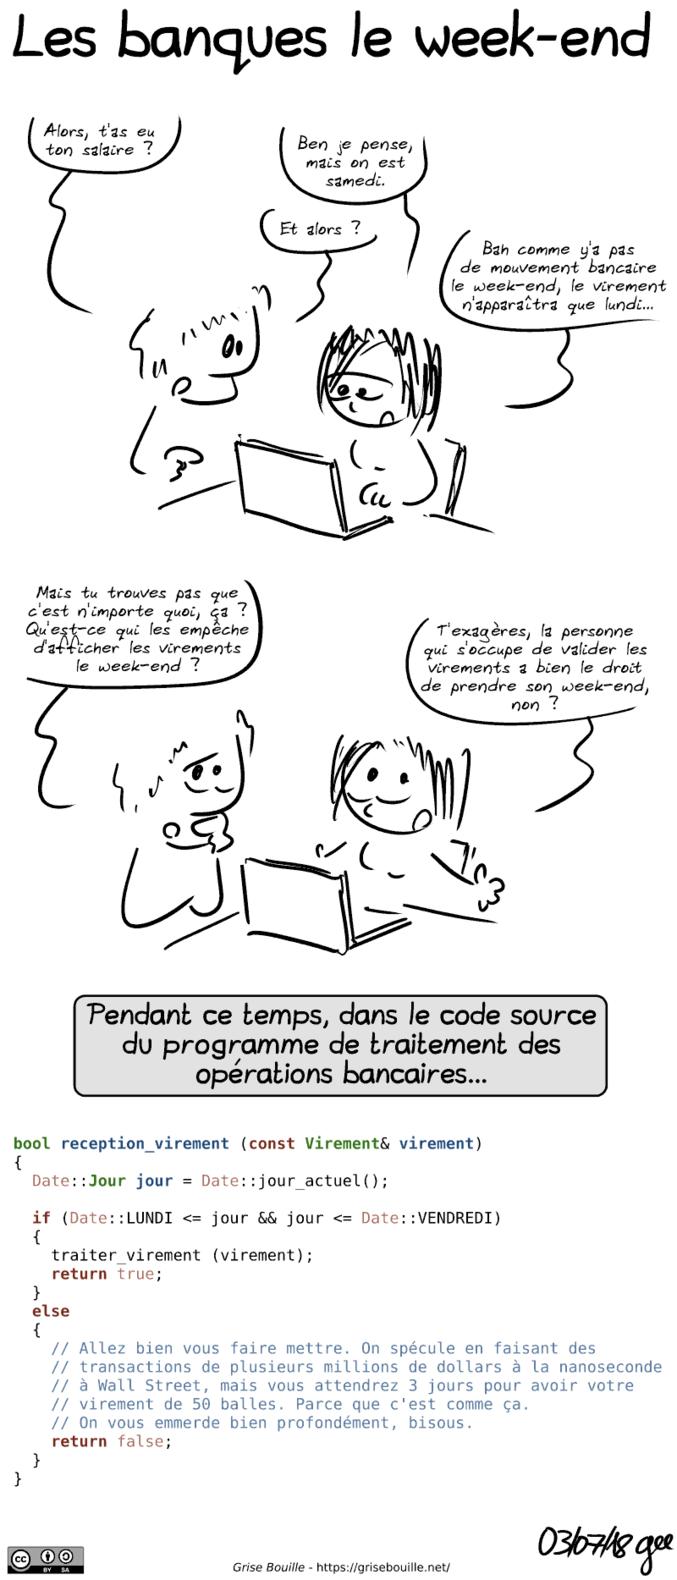 https://grisebouille.net/les-banques-le-week-end/